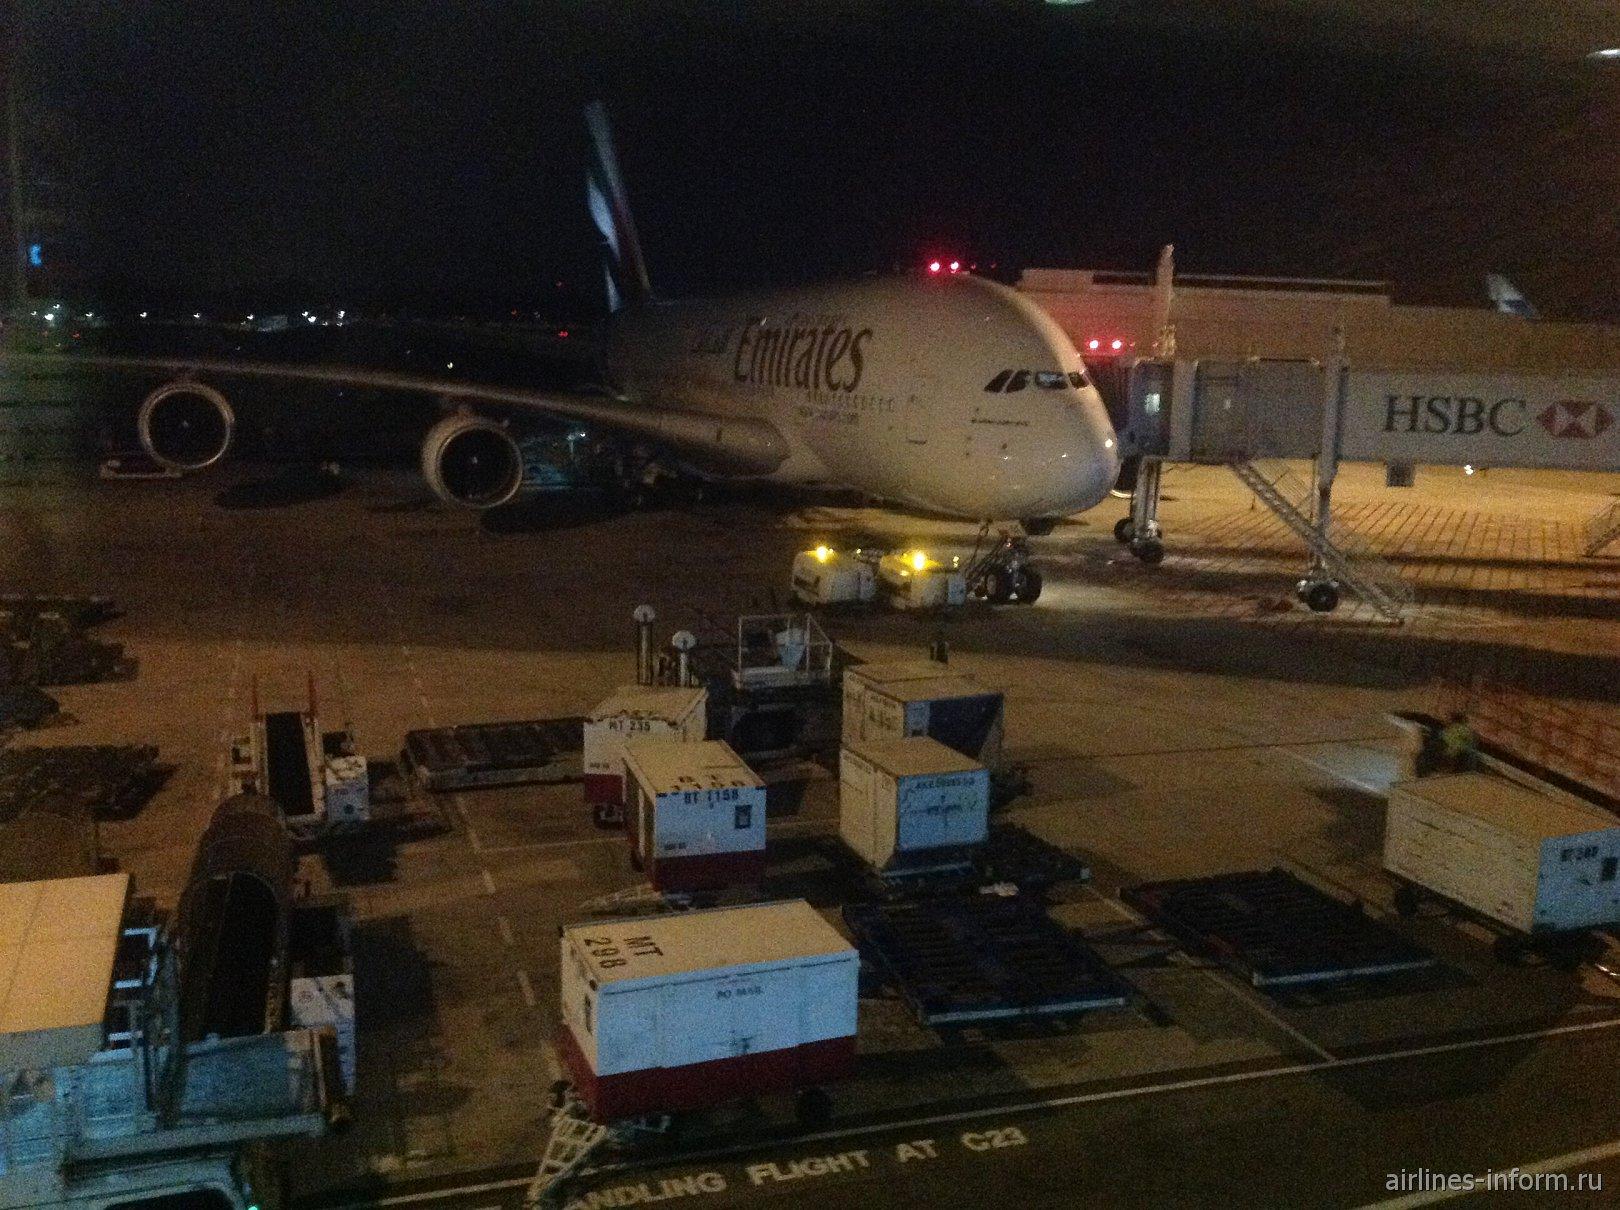 Под крыльями Евразии. Часть 6 - привет ещё раз Эмирейтс: Сингапур (SIN) - Дубаи (DXB)  на А380-861 и попытка получить 96 часов в ОАЭ на границе